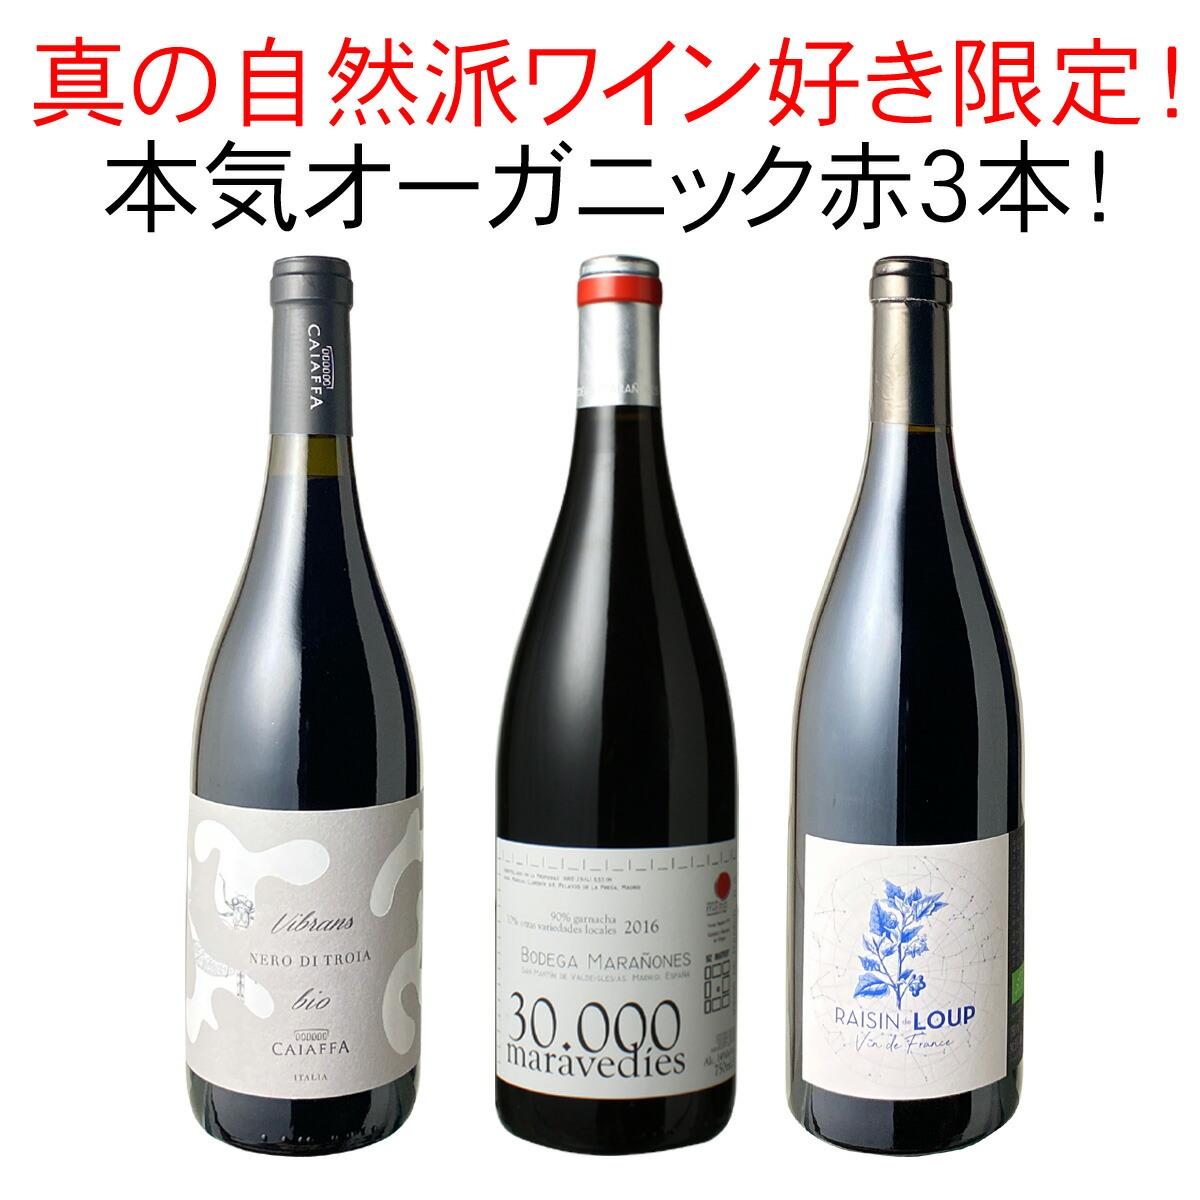 ワインセット オーガニック 赤ワイン 3本 セット ユーロリーフ認定入 家飲み 御祝 誕生日 ハロウィン ギフト プレゼント オーガニック赤